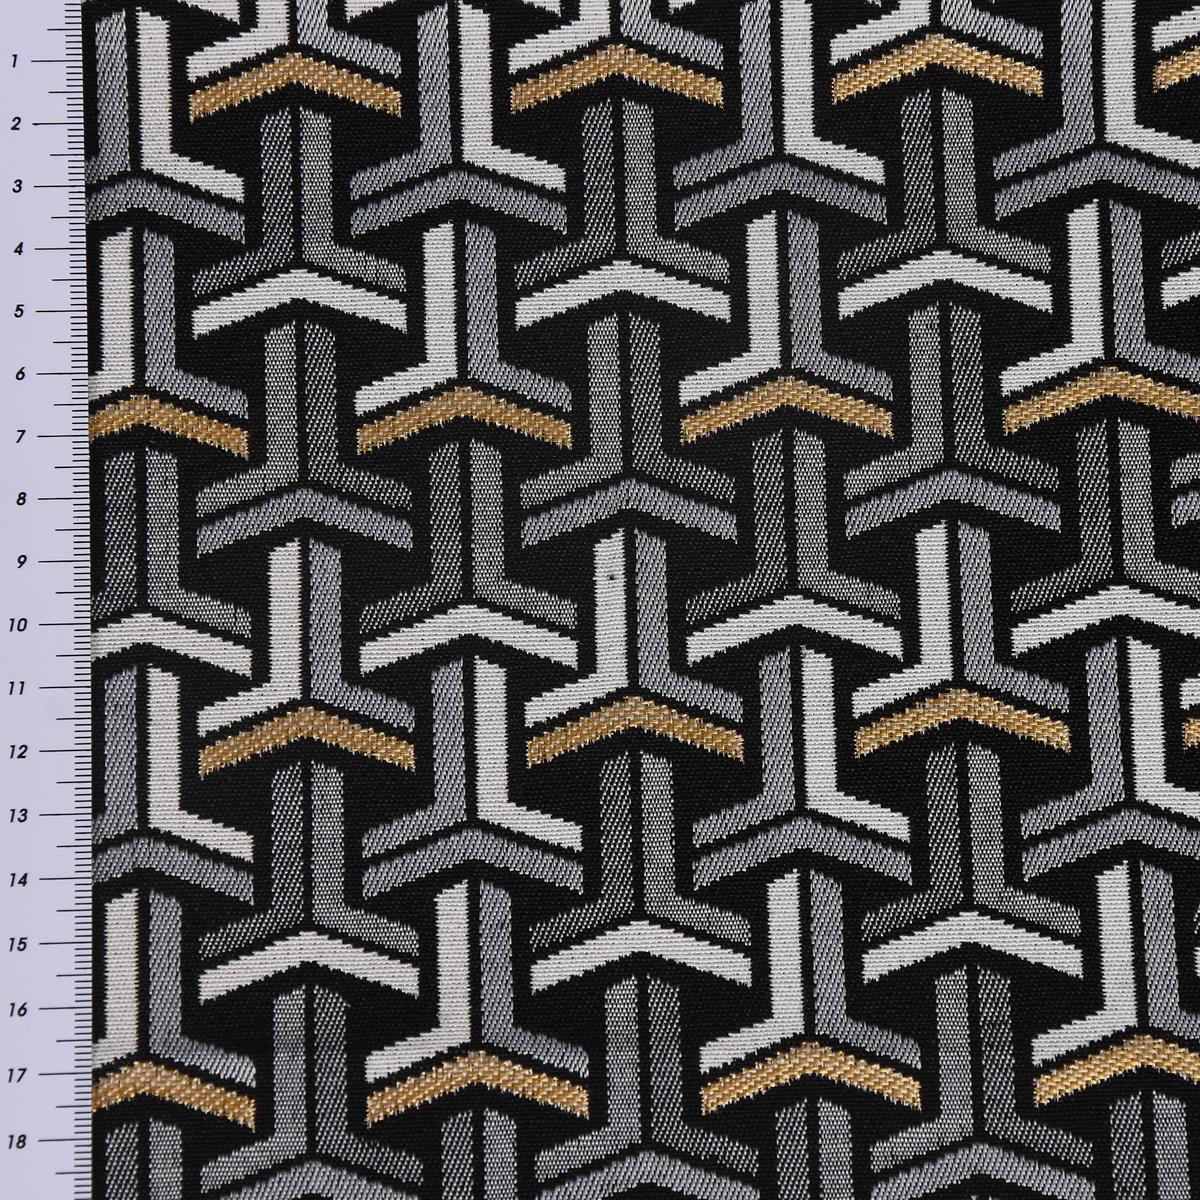 sch ner leben tischdecke jacquard grafisch t schwarz wei goldfarbig eckig in div gr en. Black Bedroom Furniture Sets. Home Design Ideas